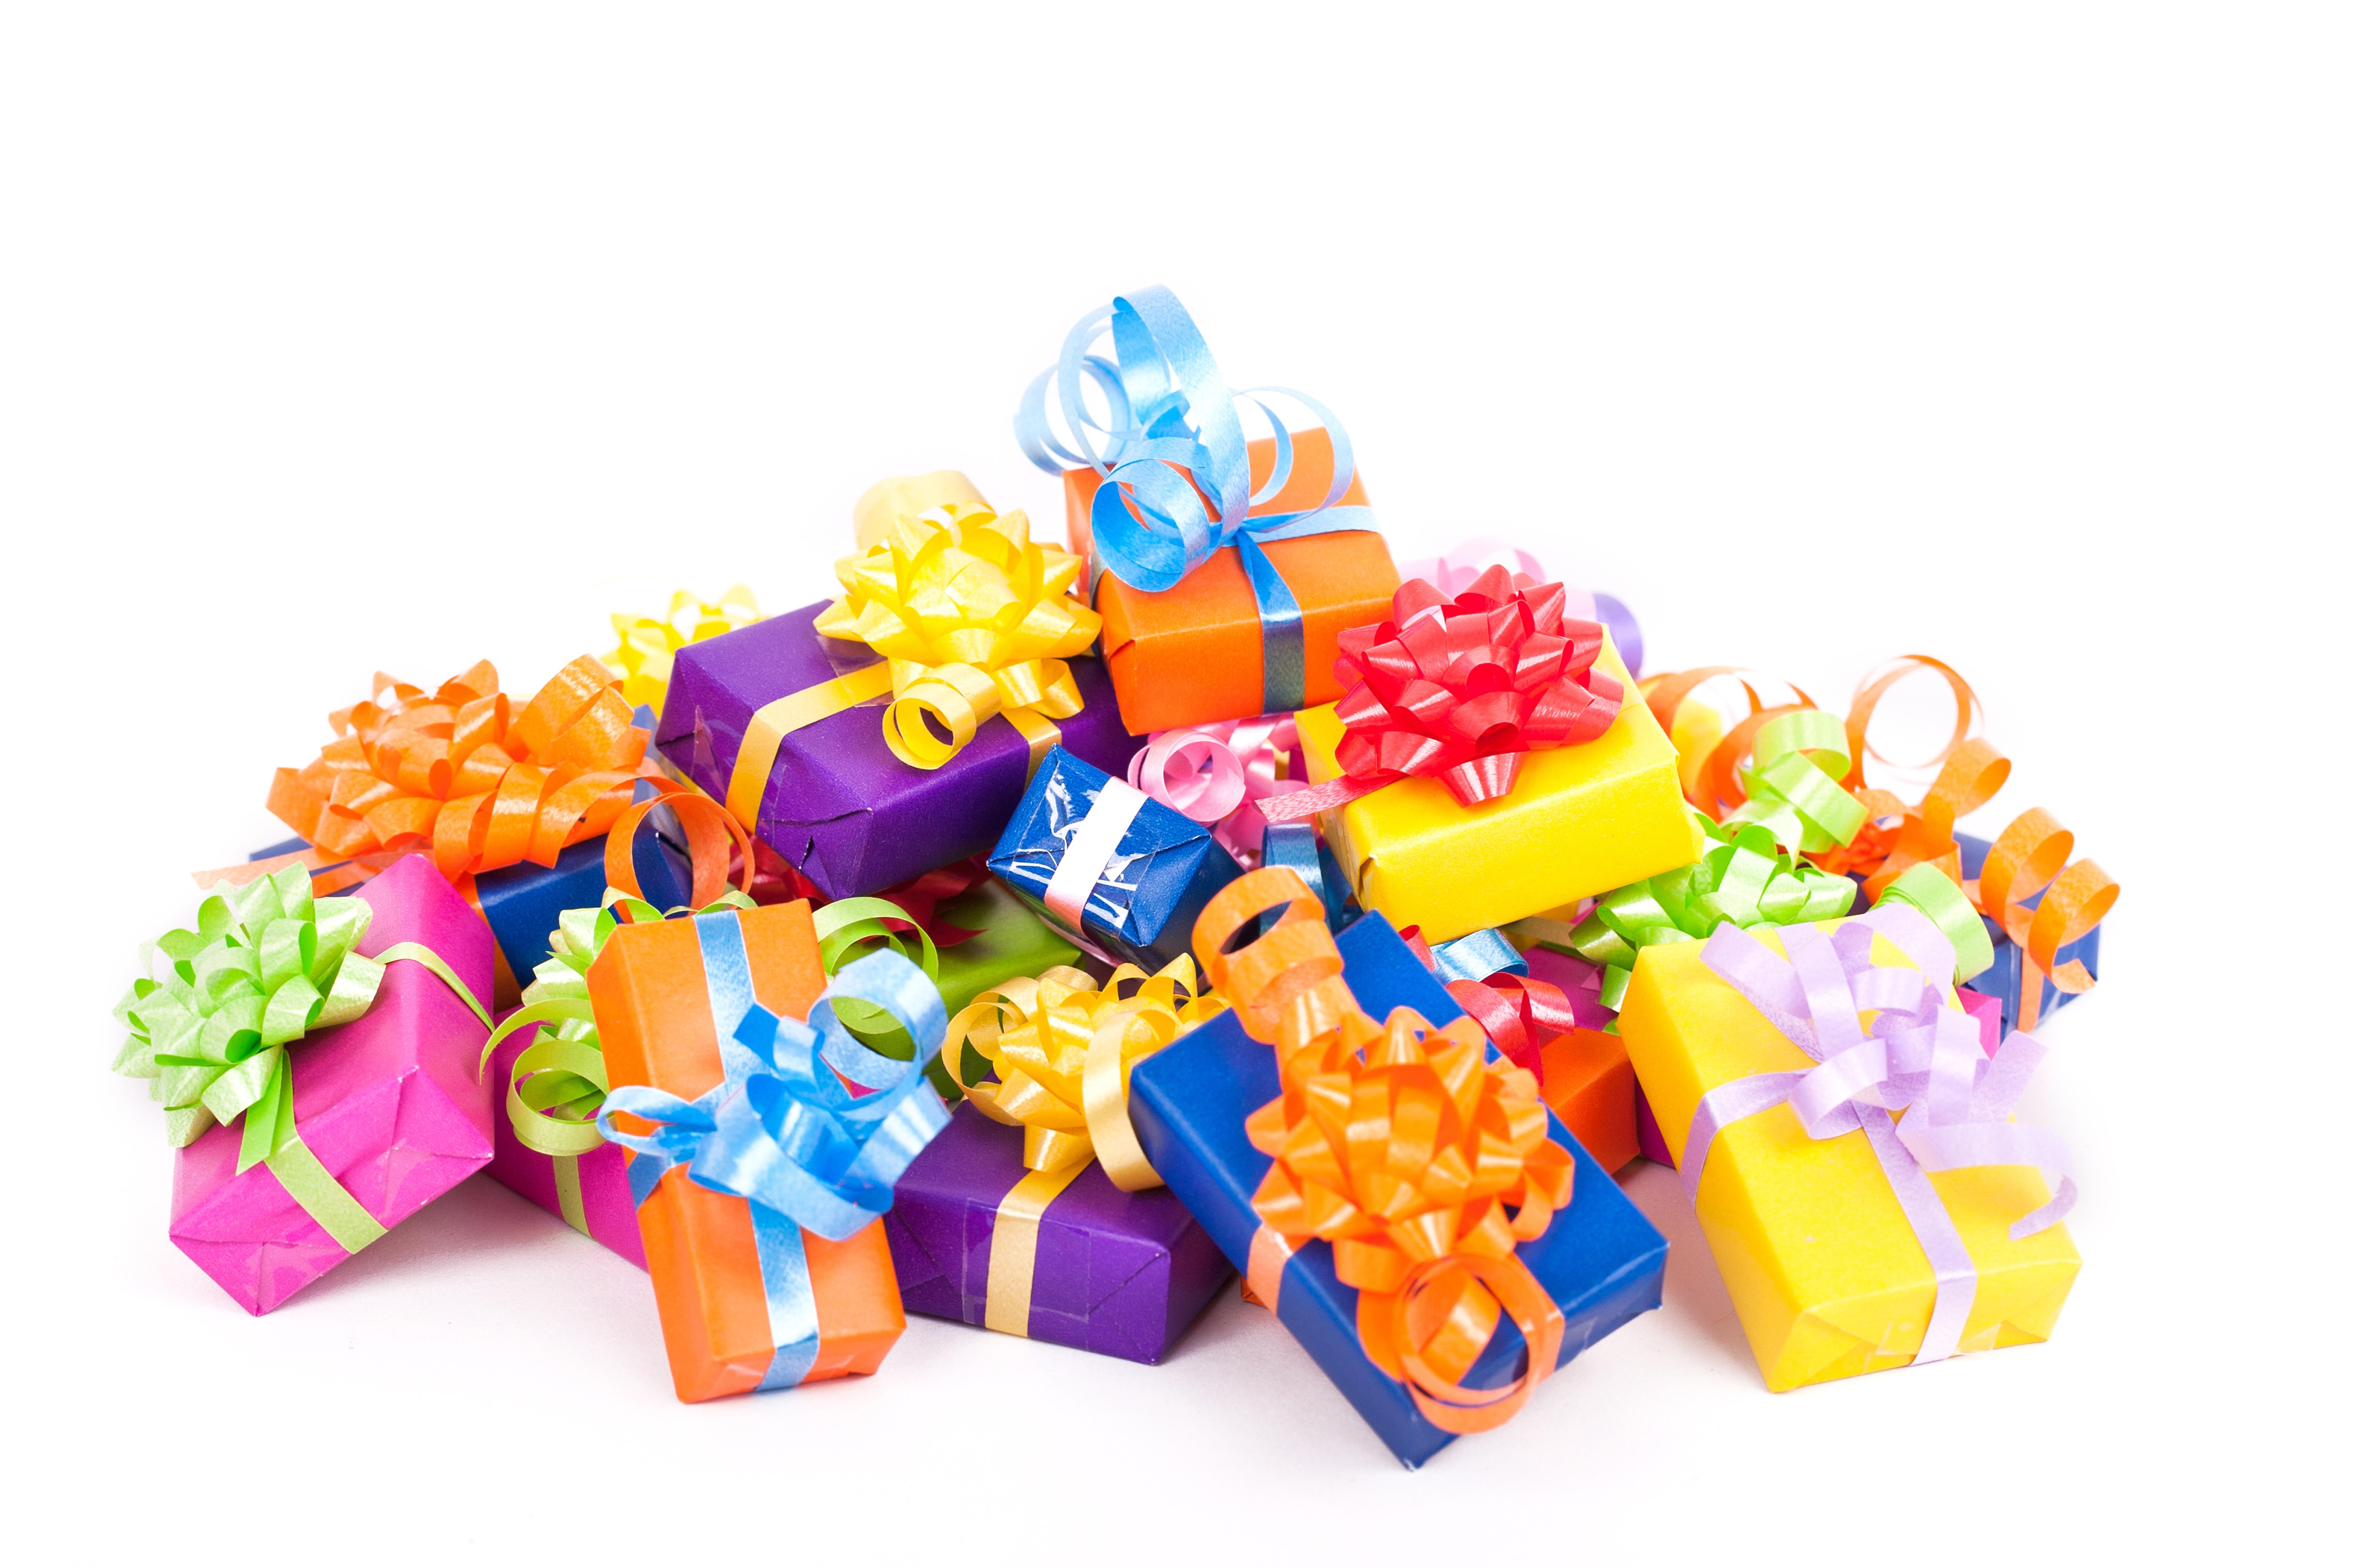 15 дней бесплатного доступа и месяц в подарок при первой покупке тарифа ChatForma